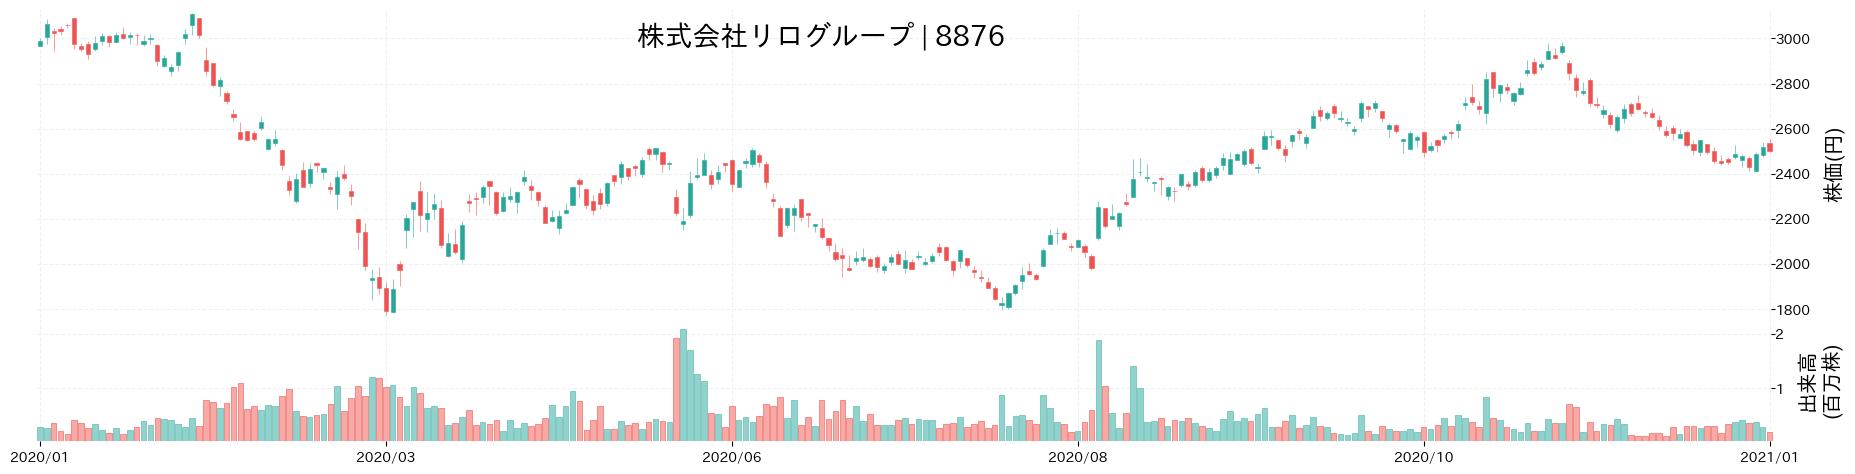 株式会社リログループの株価推移(2020)